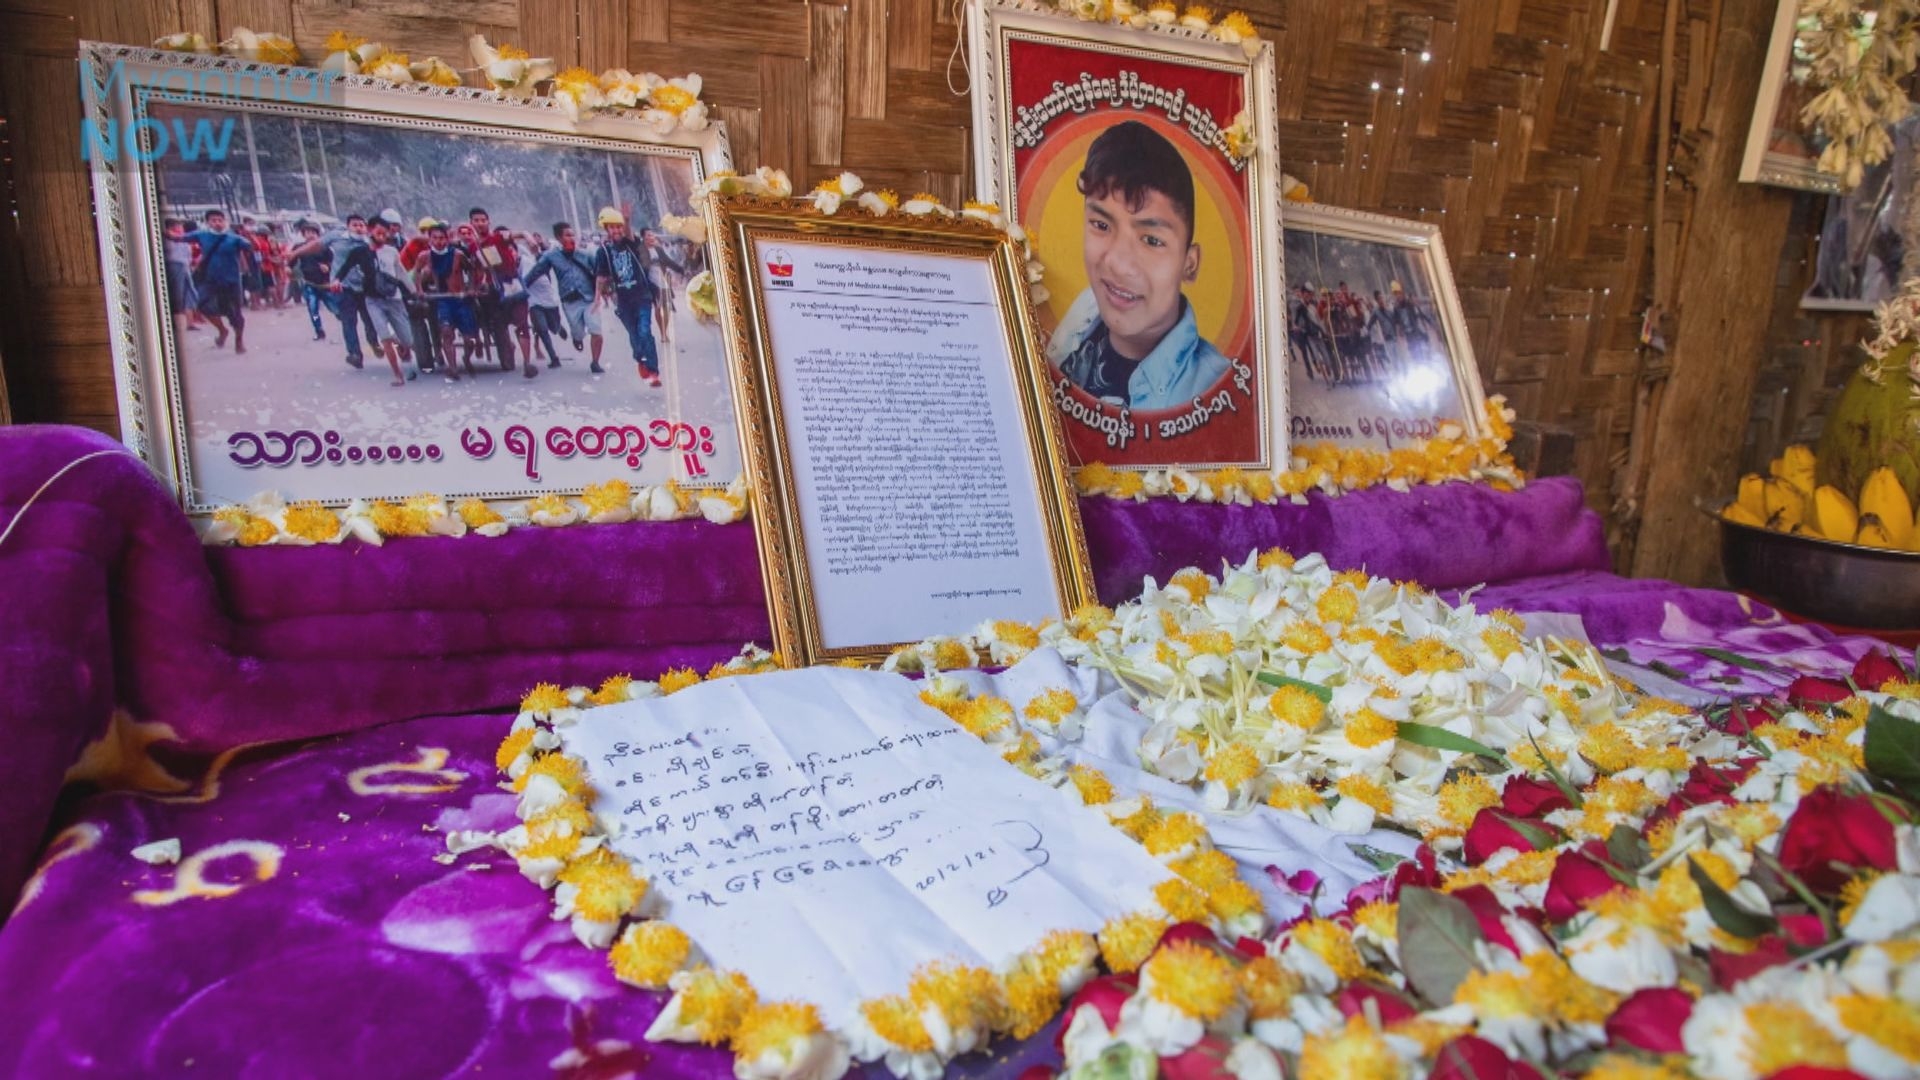 據報緬甸上周三人被軍警射殺 大批民眾悼念死者